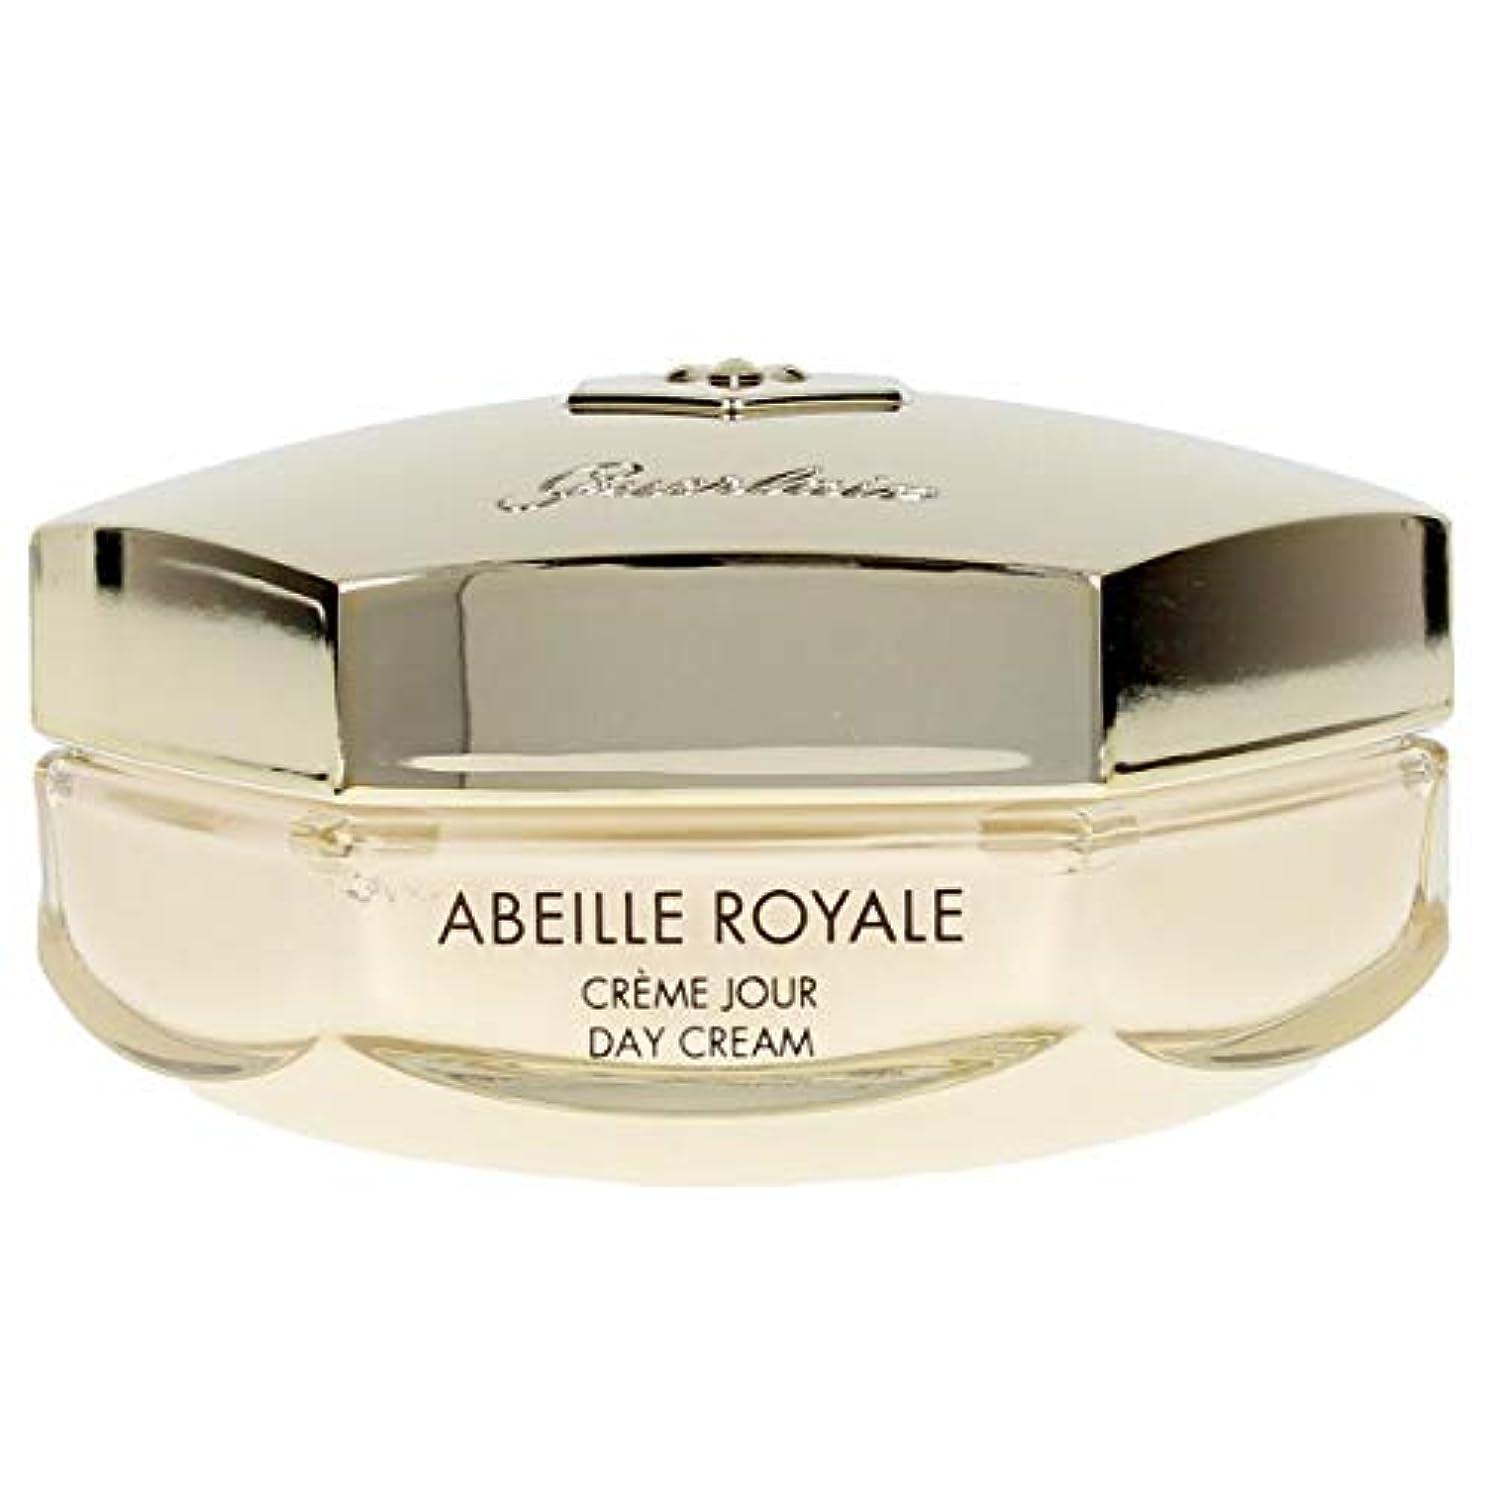 予測するソフトウェア政治家のゲラン Abeille Royale Day Cream - Firms, Smoothes & Illuminates 50ml/1.6oz並行輸入品